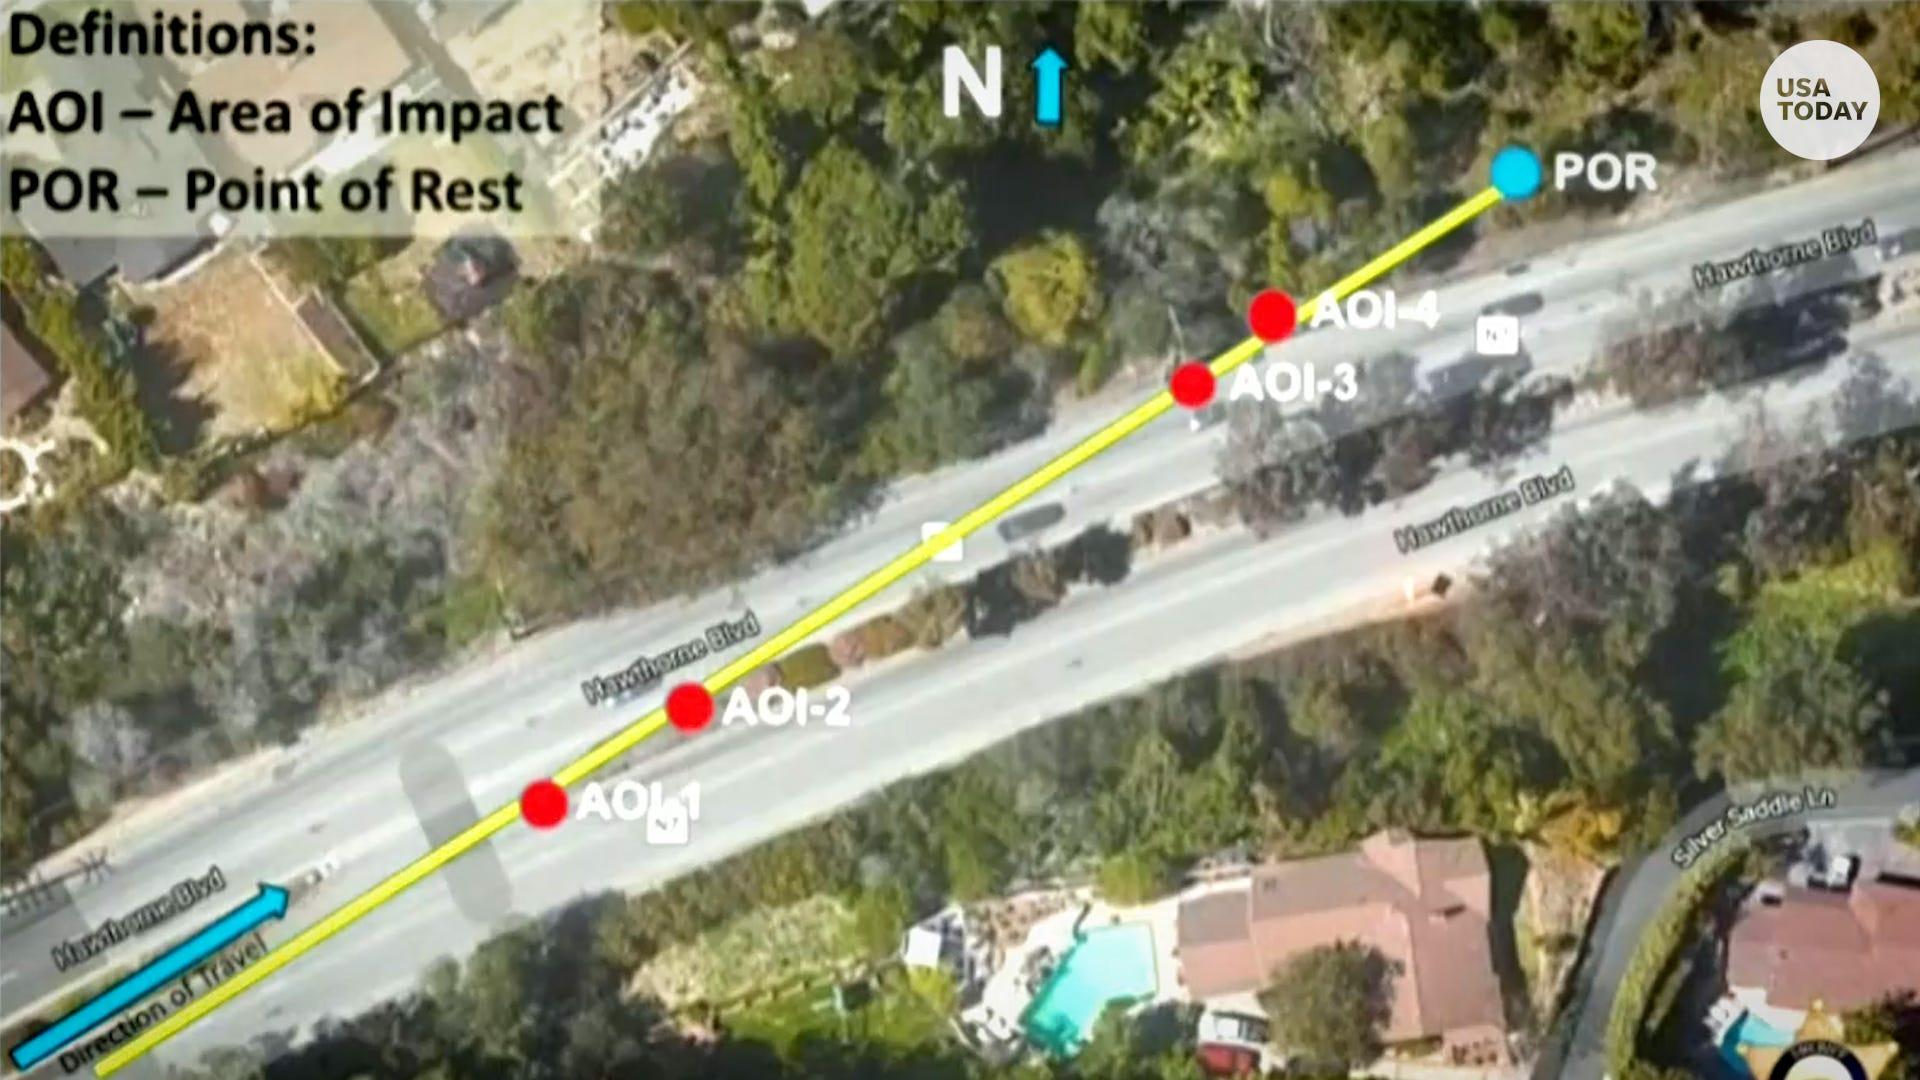 Raport policyjny Tiger Woods jechał 82 mil na godzinę przed wypadkiem bez śladów hamowania